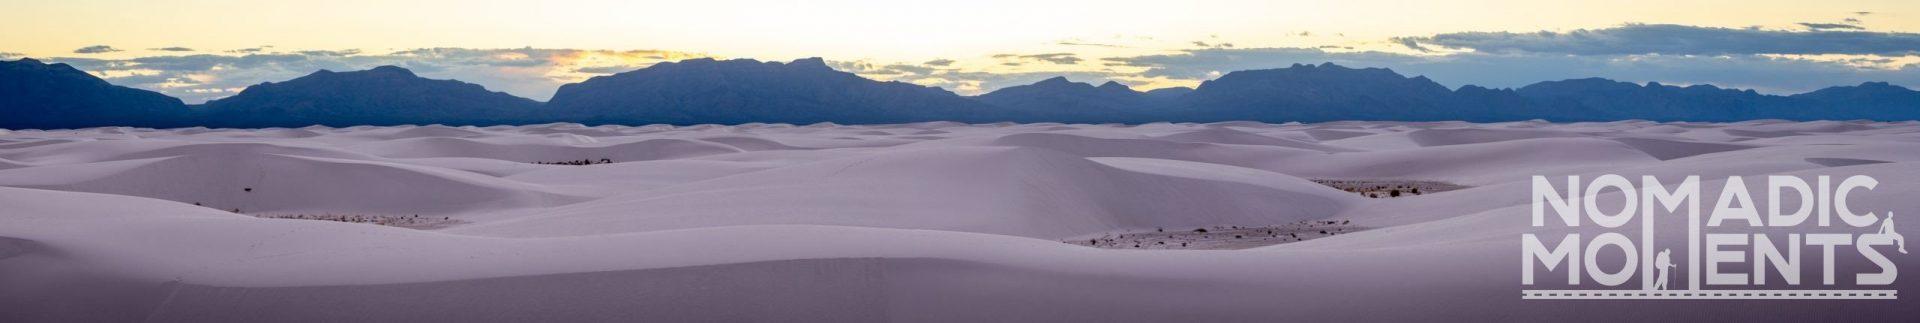 Massive White Sands